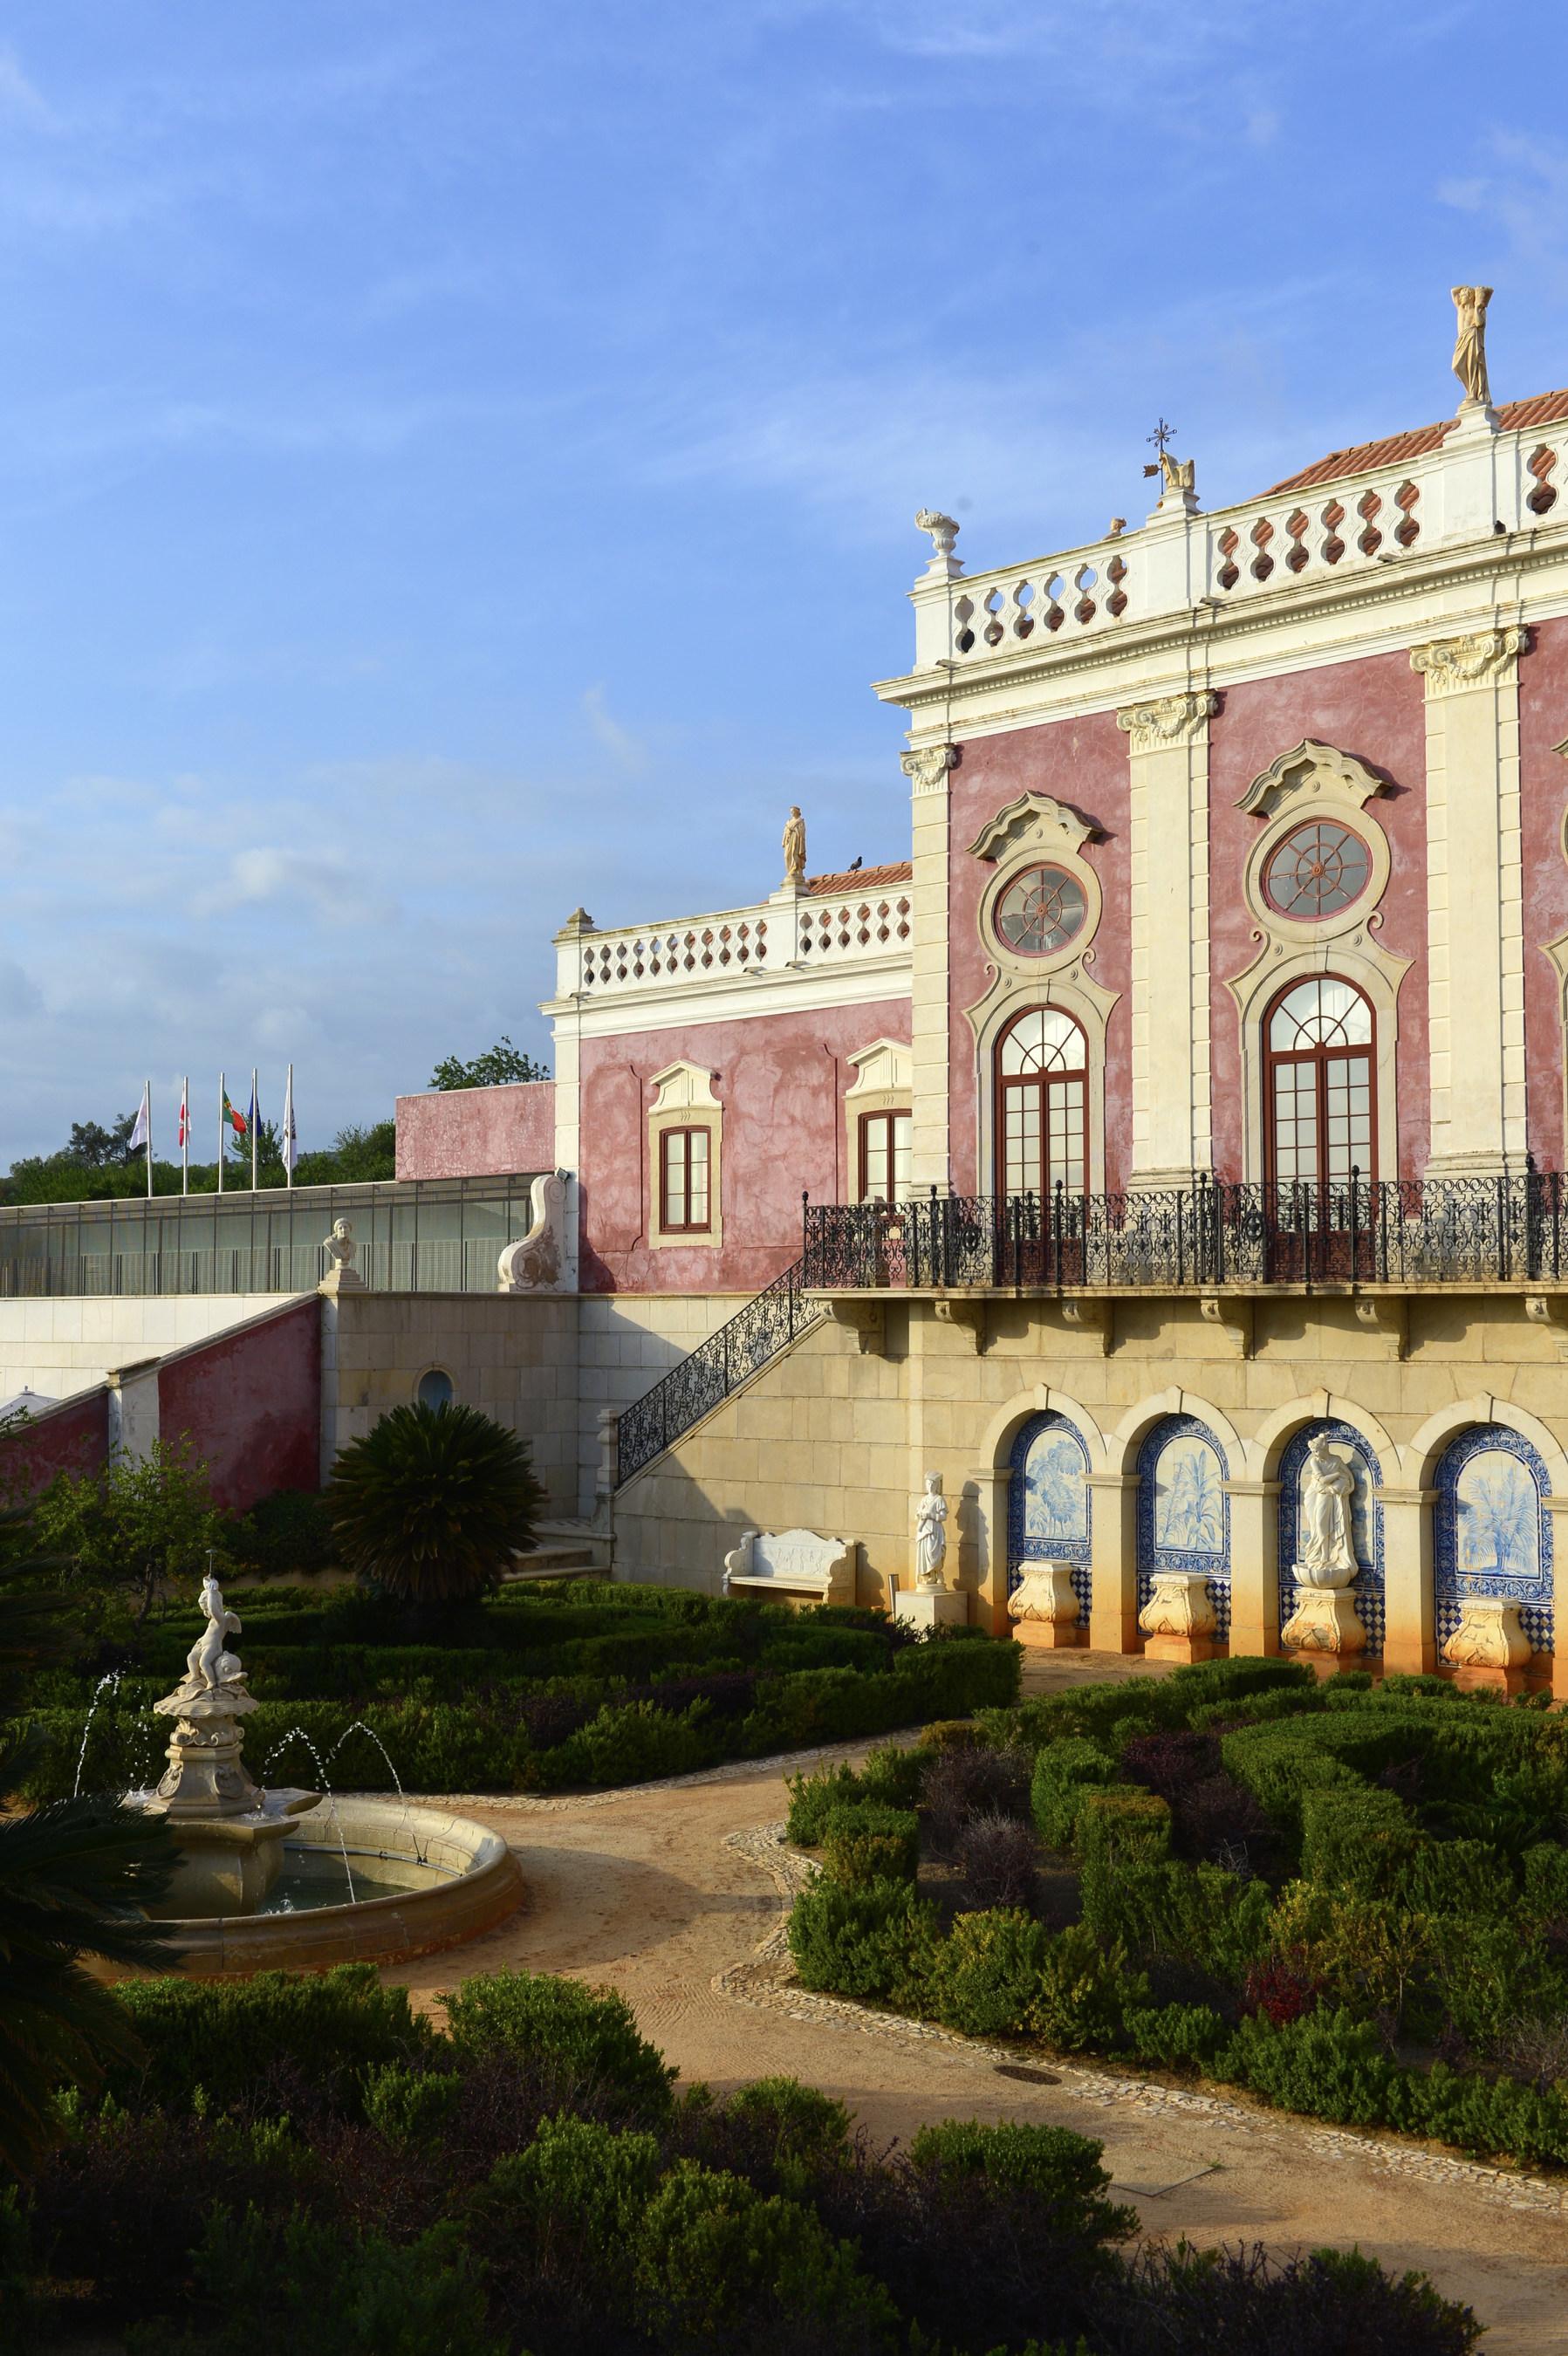 Las soluciones de estrategia de ingresos de Duetto se aplicarán en todo el mundo en Pestana Hotel